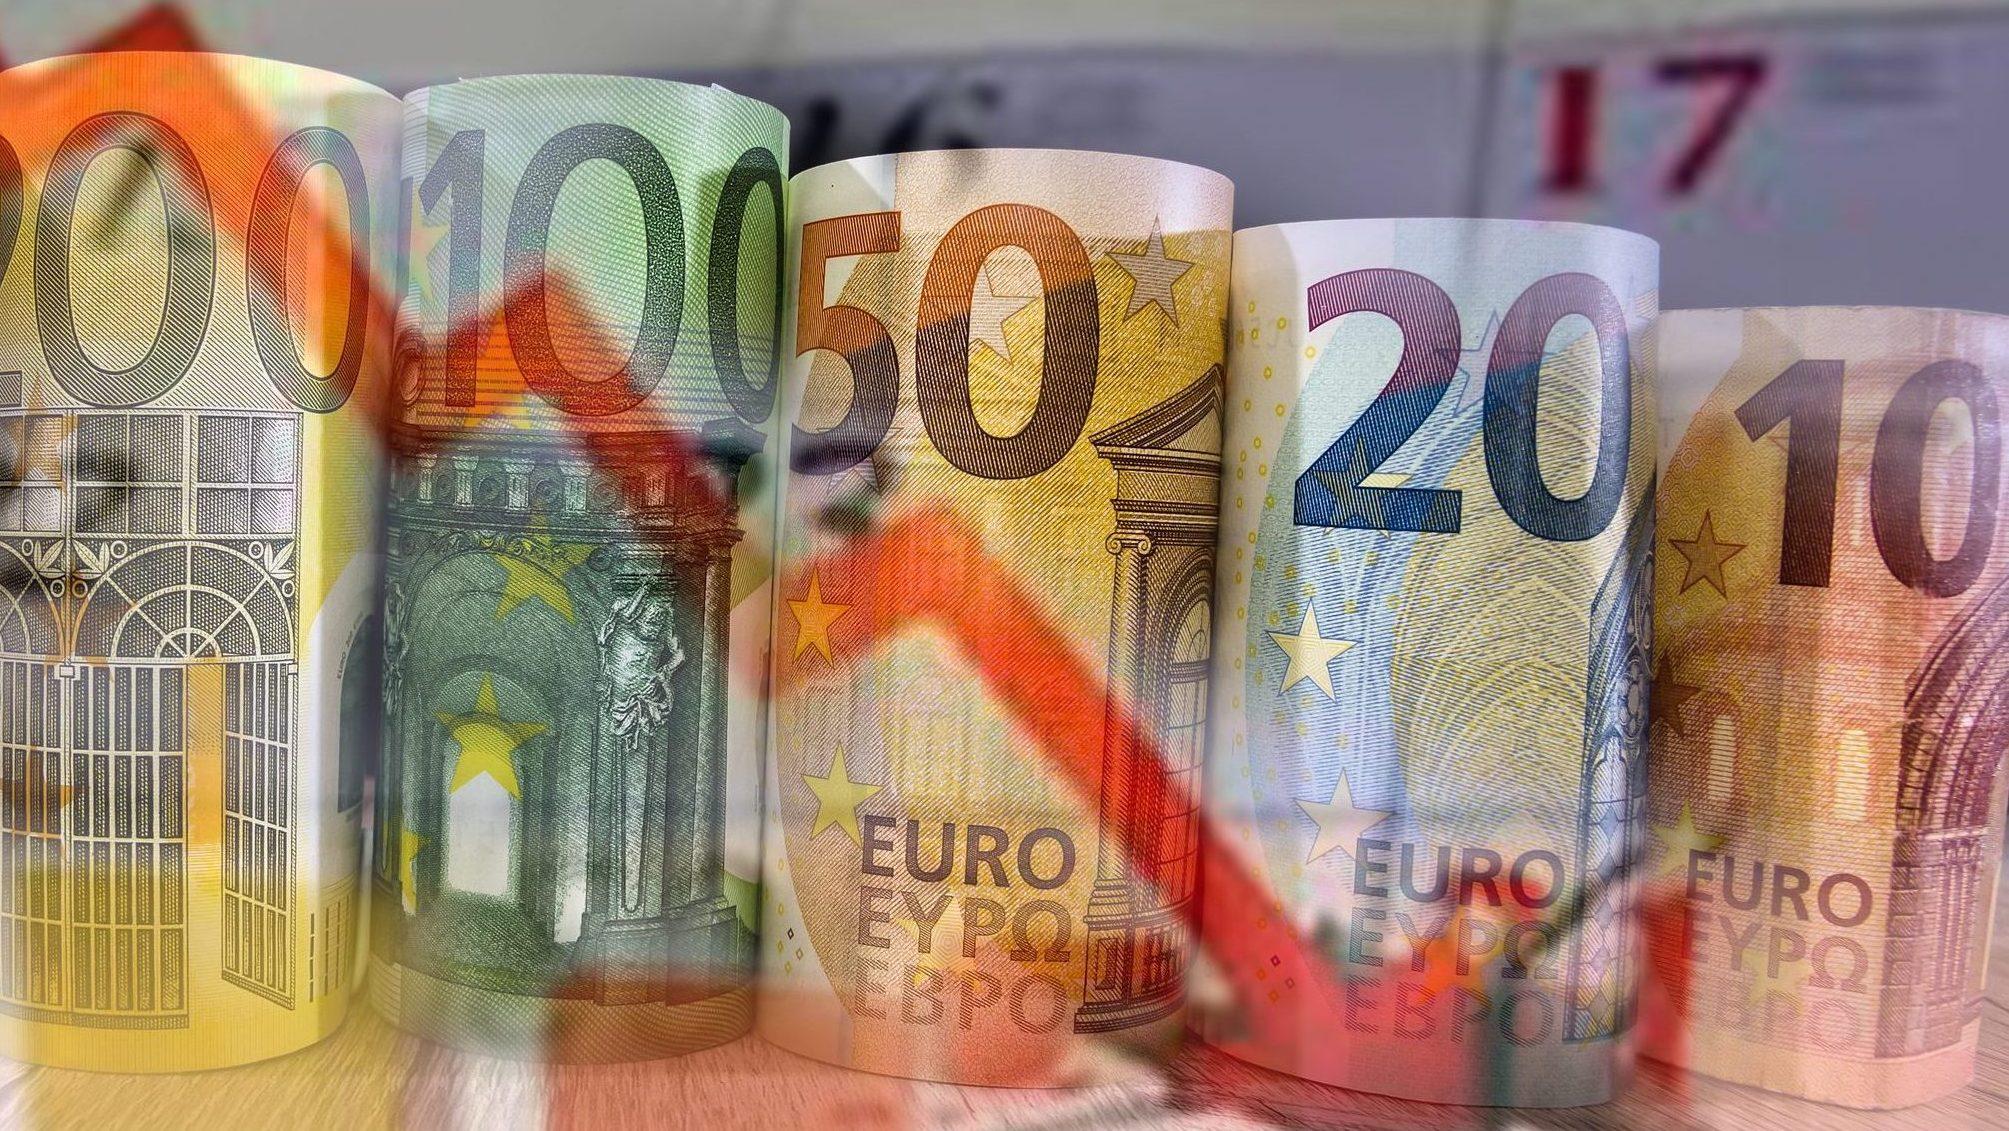 Новый мировой экономический кризис: насколько реален и что подорожает первым